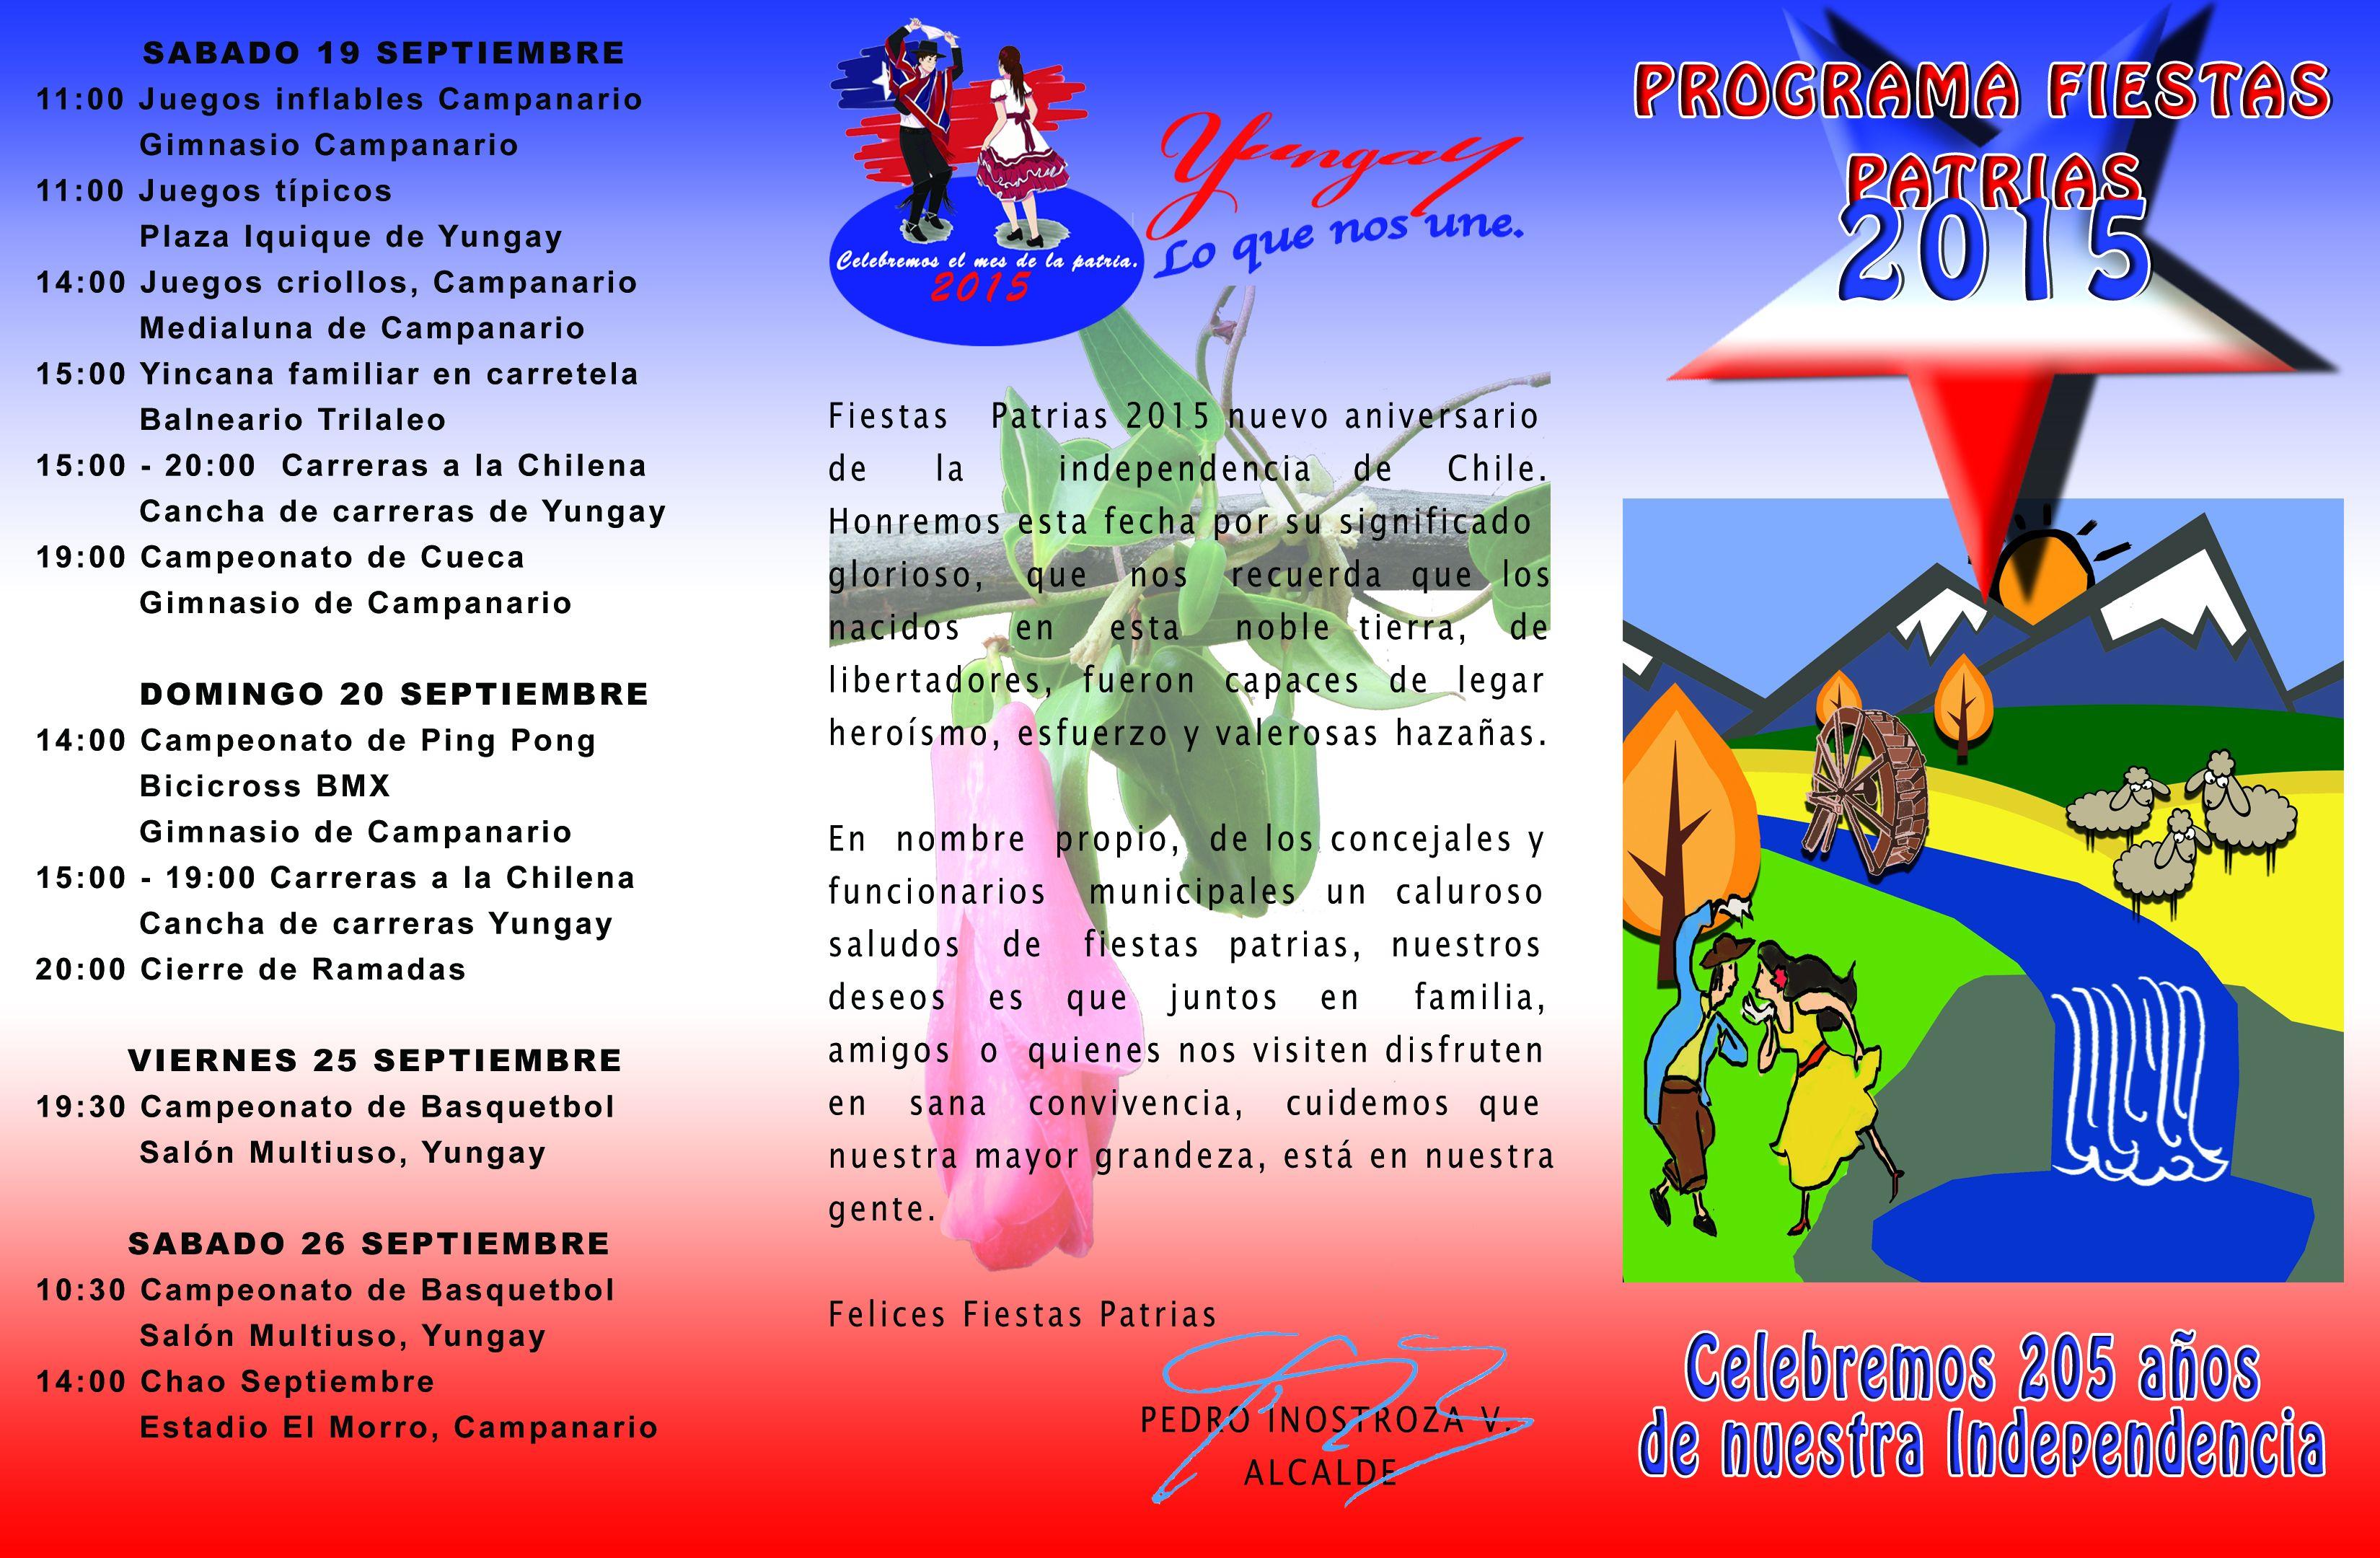 Programa fiestas Patrias 2015 – Yungay